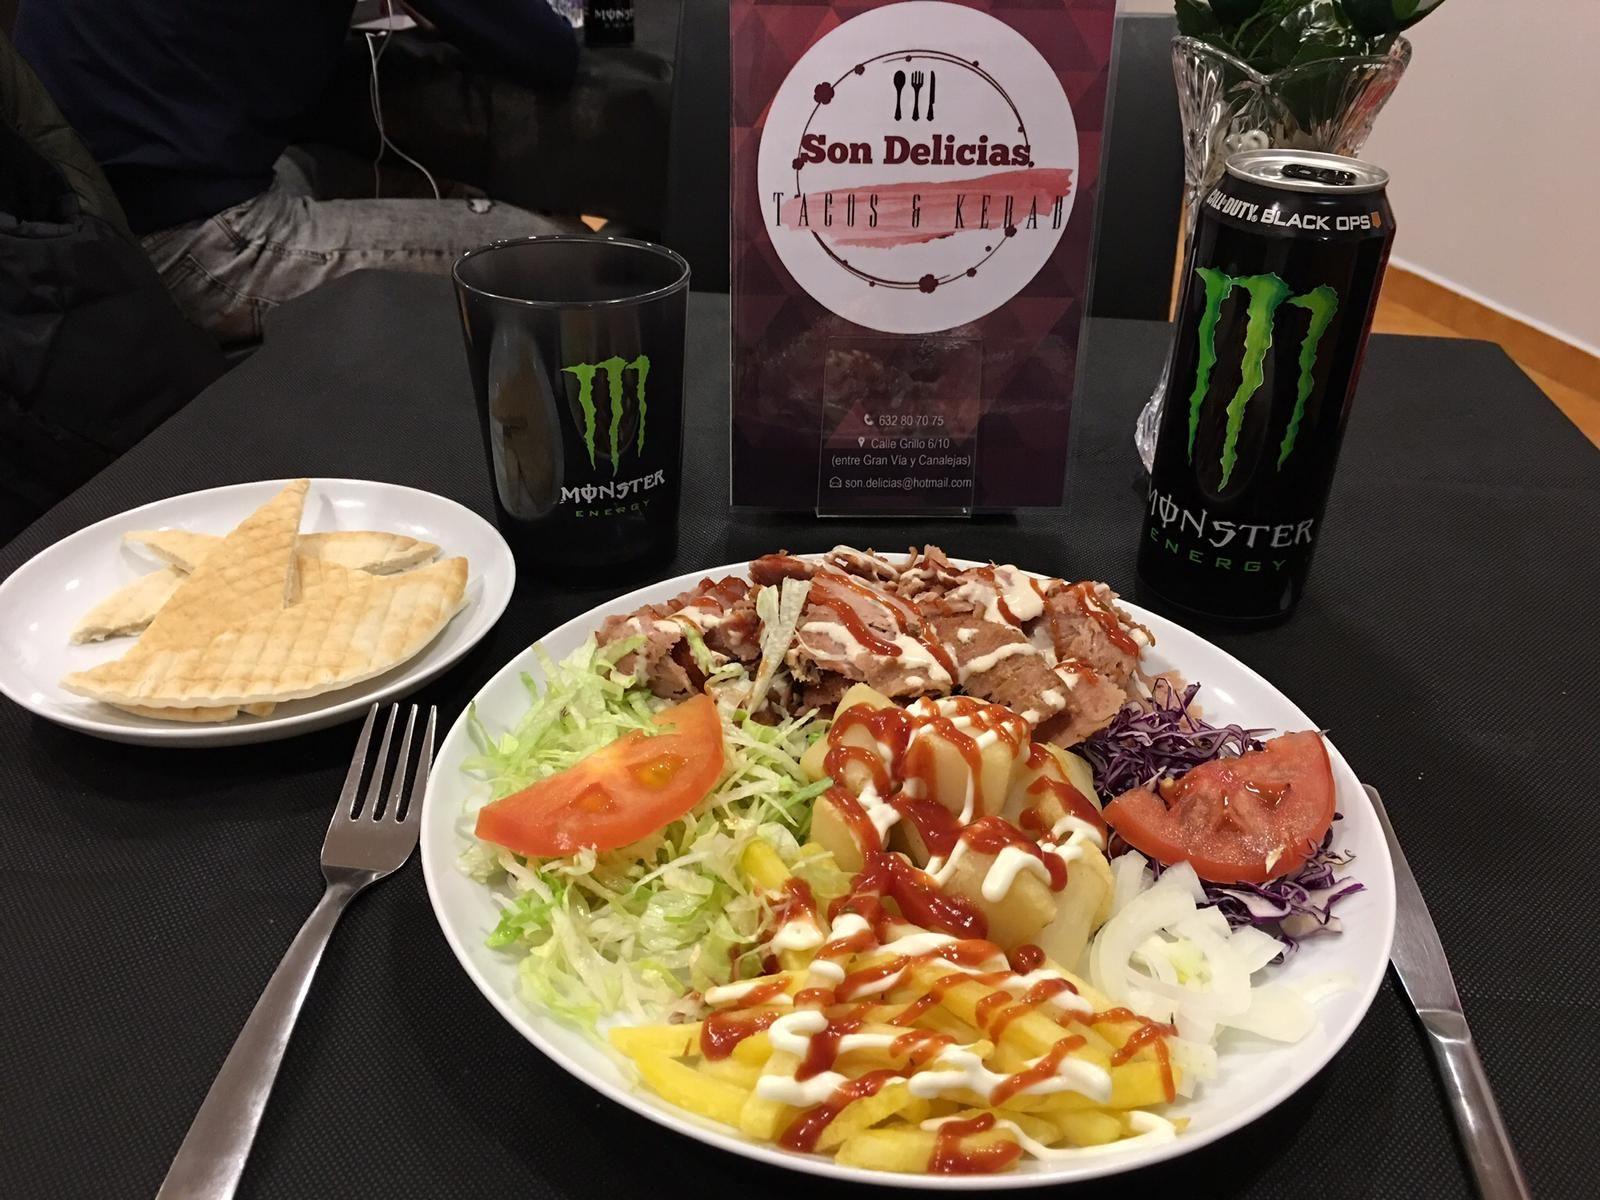 Foto 2 de Cocina turca en  | Son Delicias